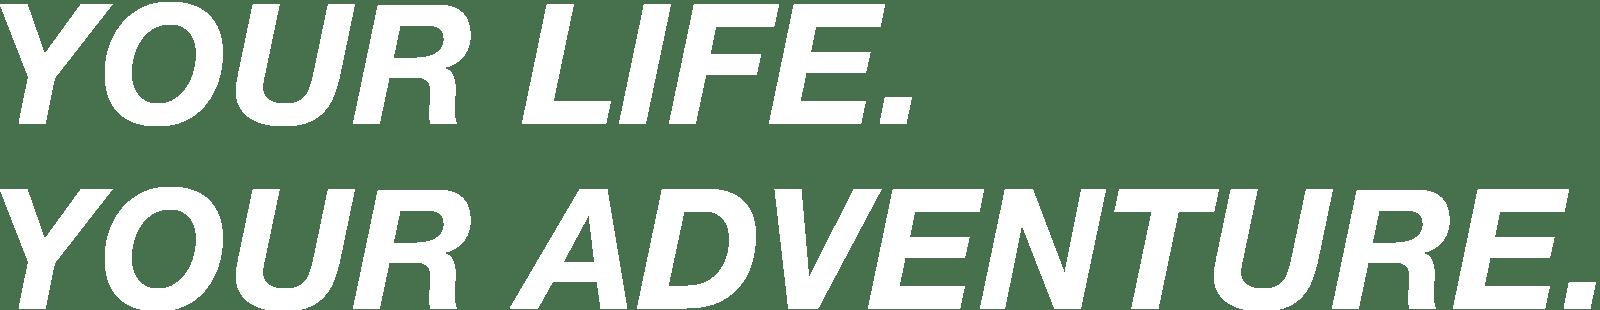 You_Life